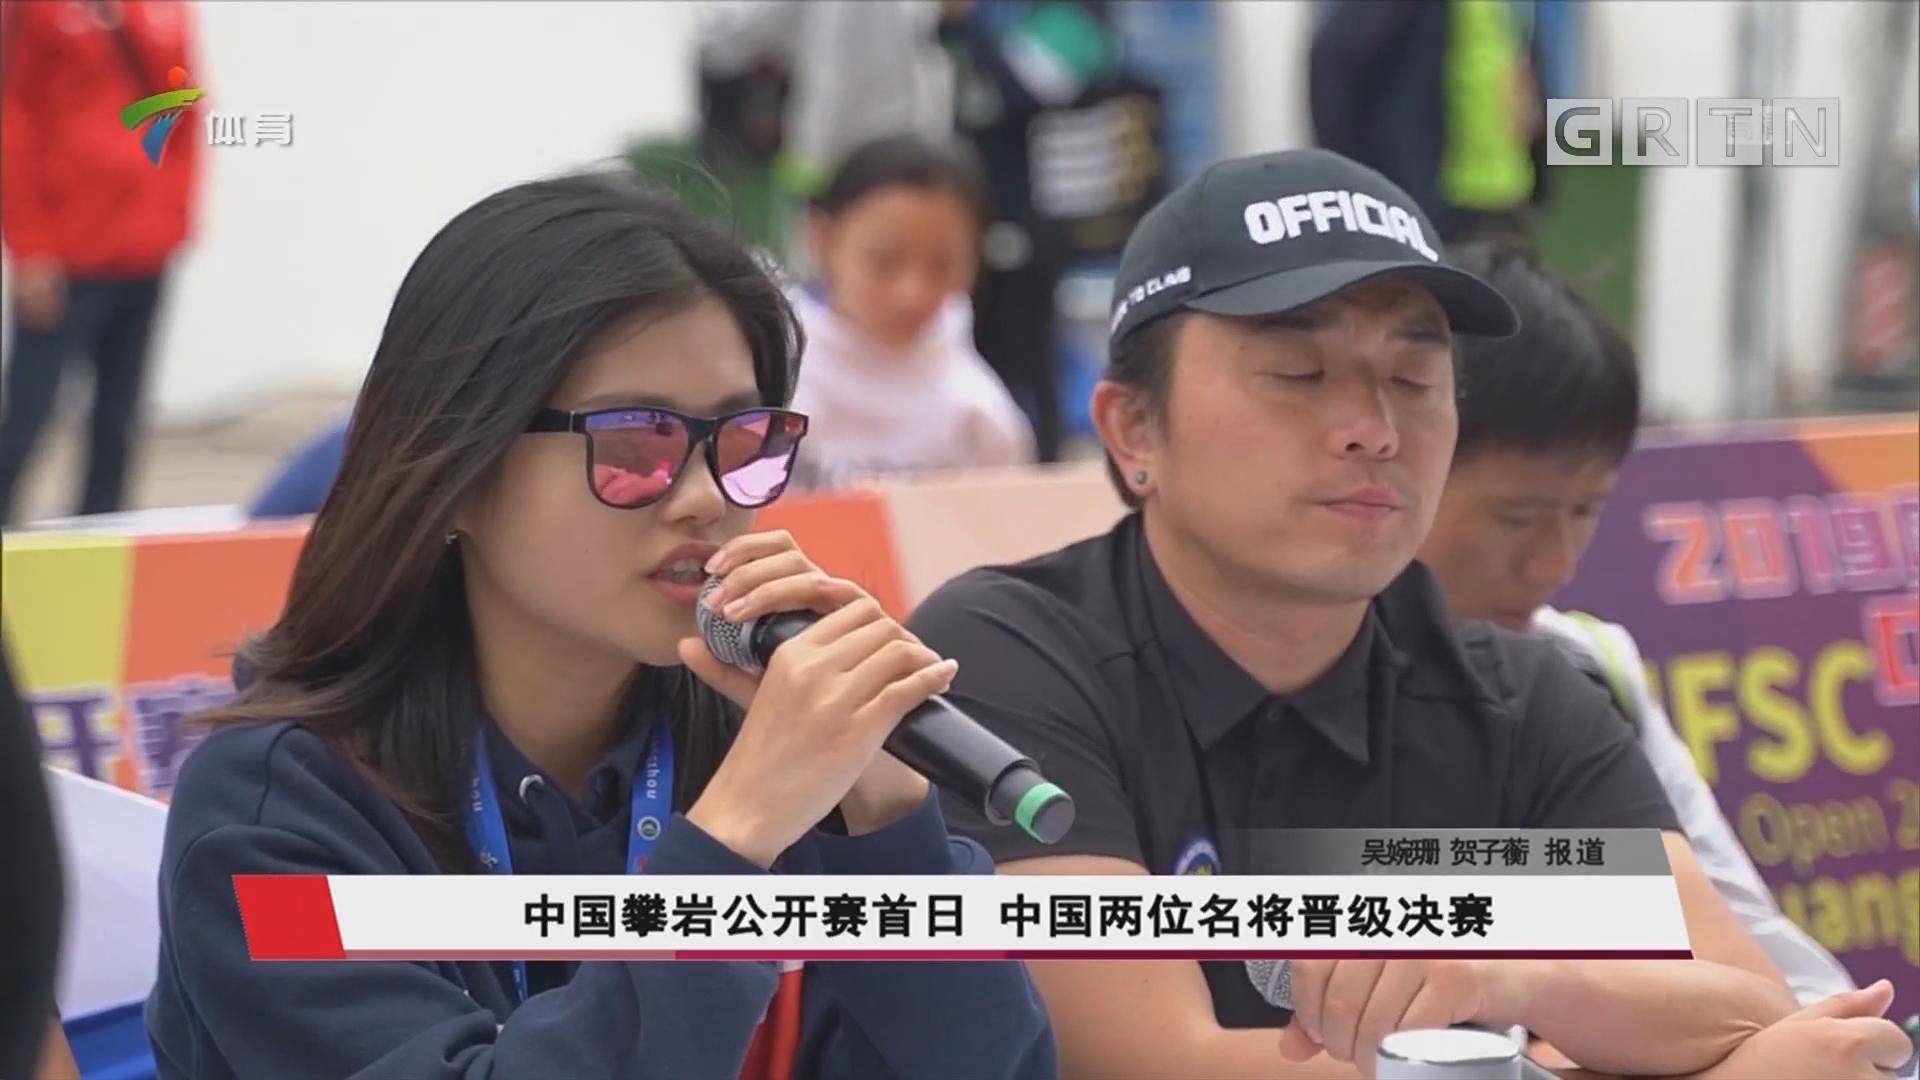 中国攀岩公开赛首日 中国两位名将晋级决赛